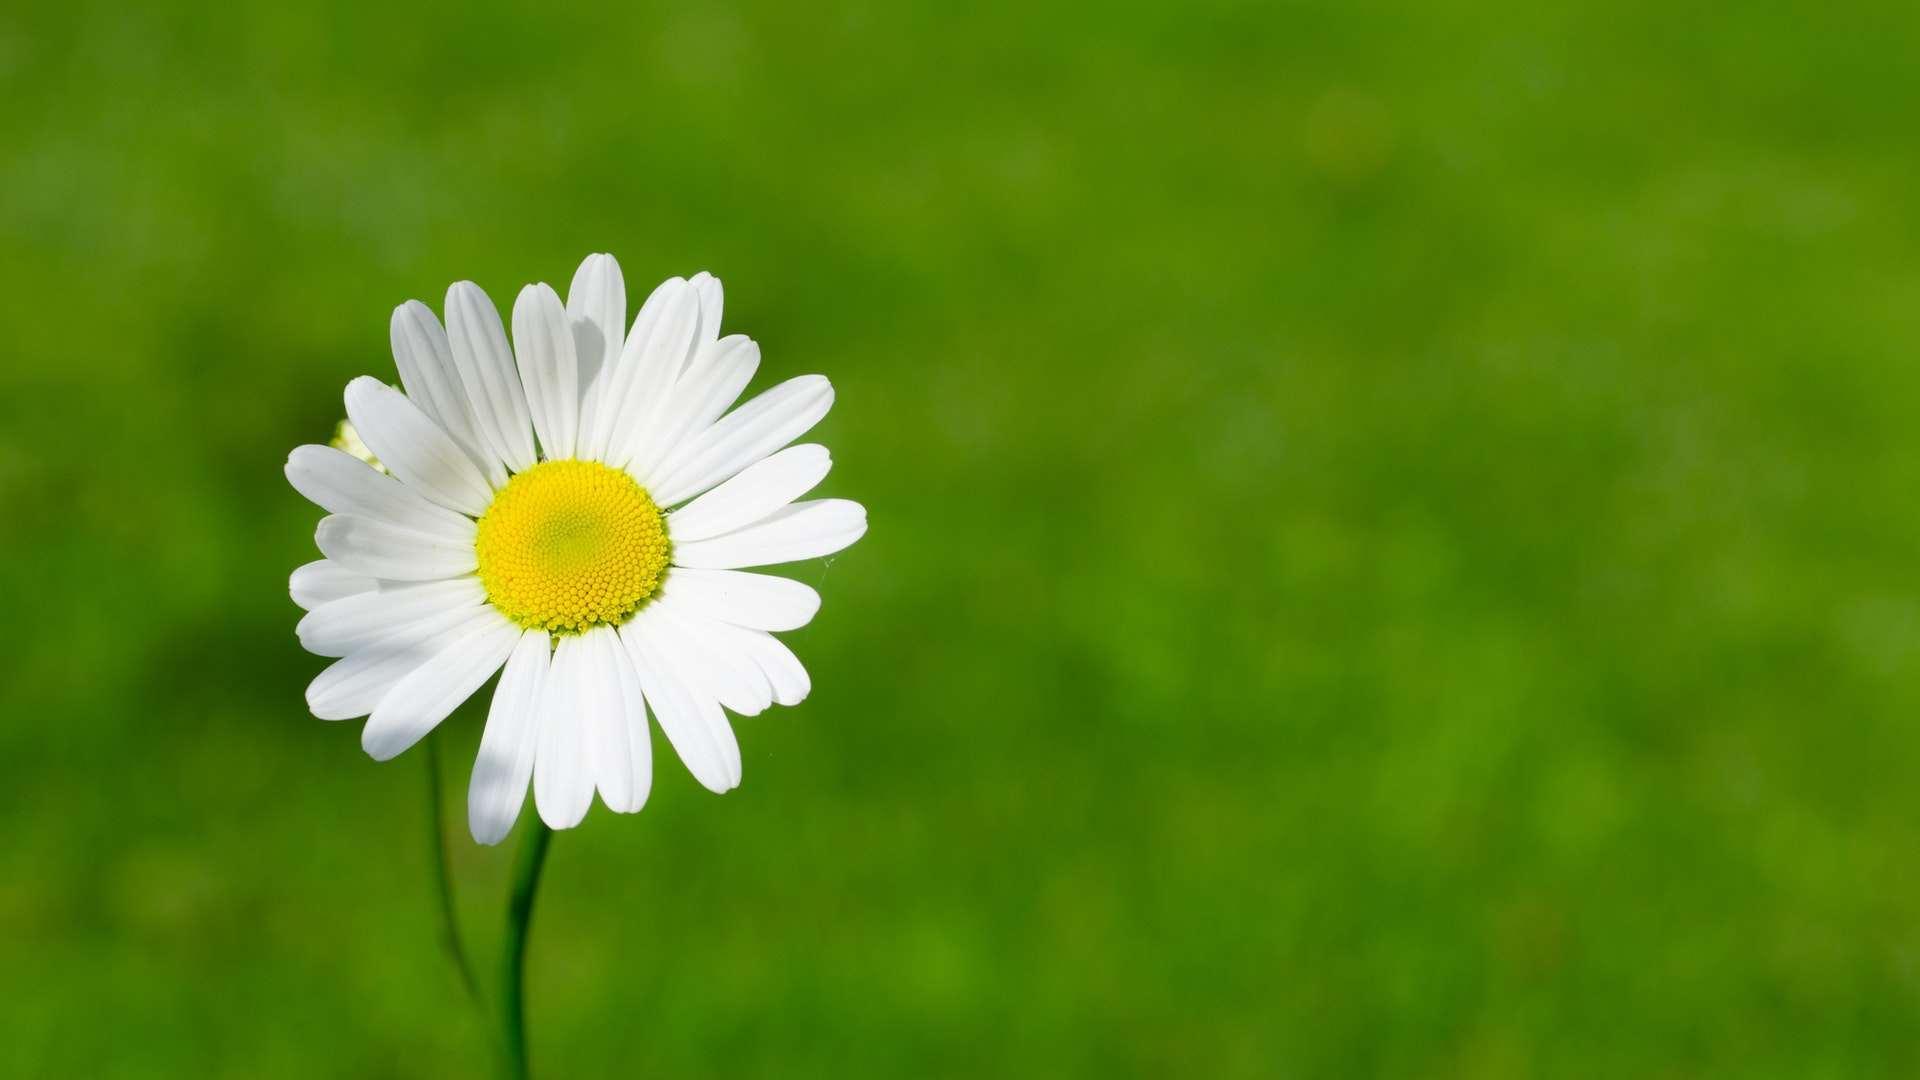 今天的付出只为明天正能量语录说说:你会成为别人生命中的光